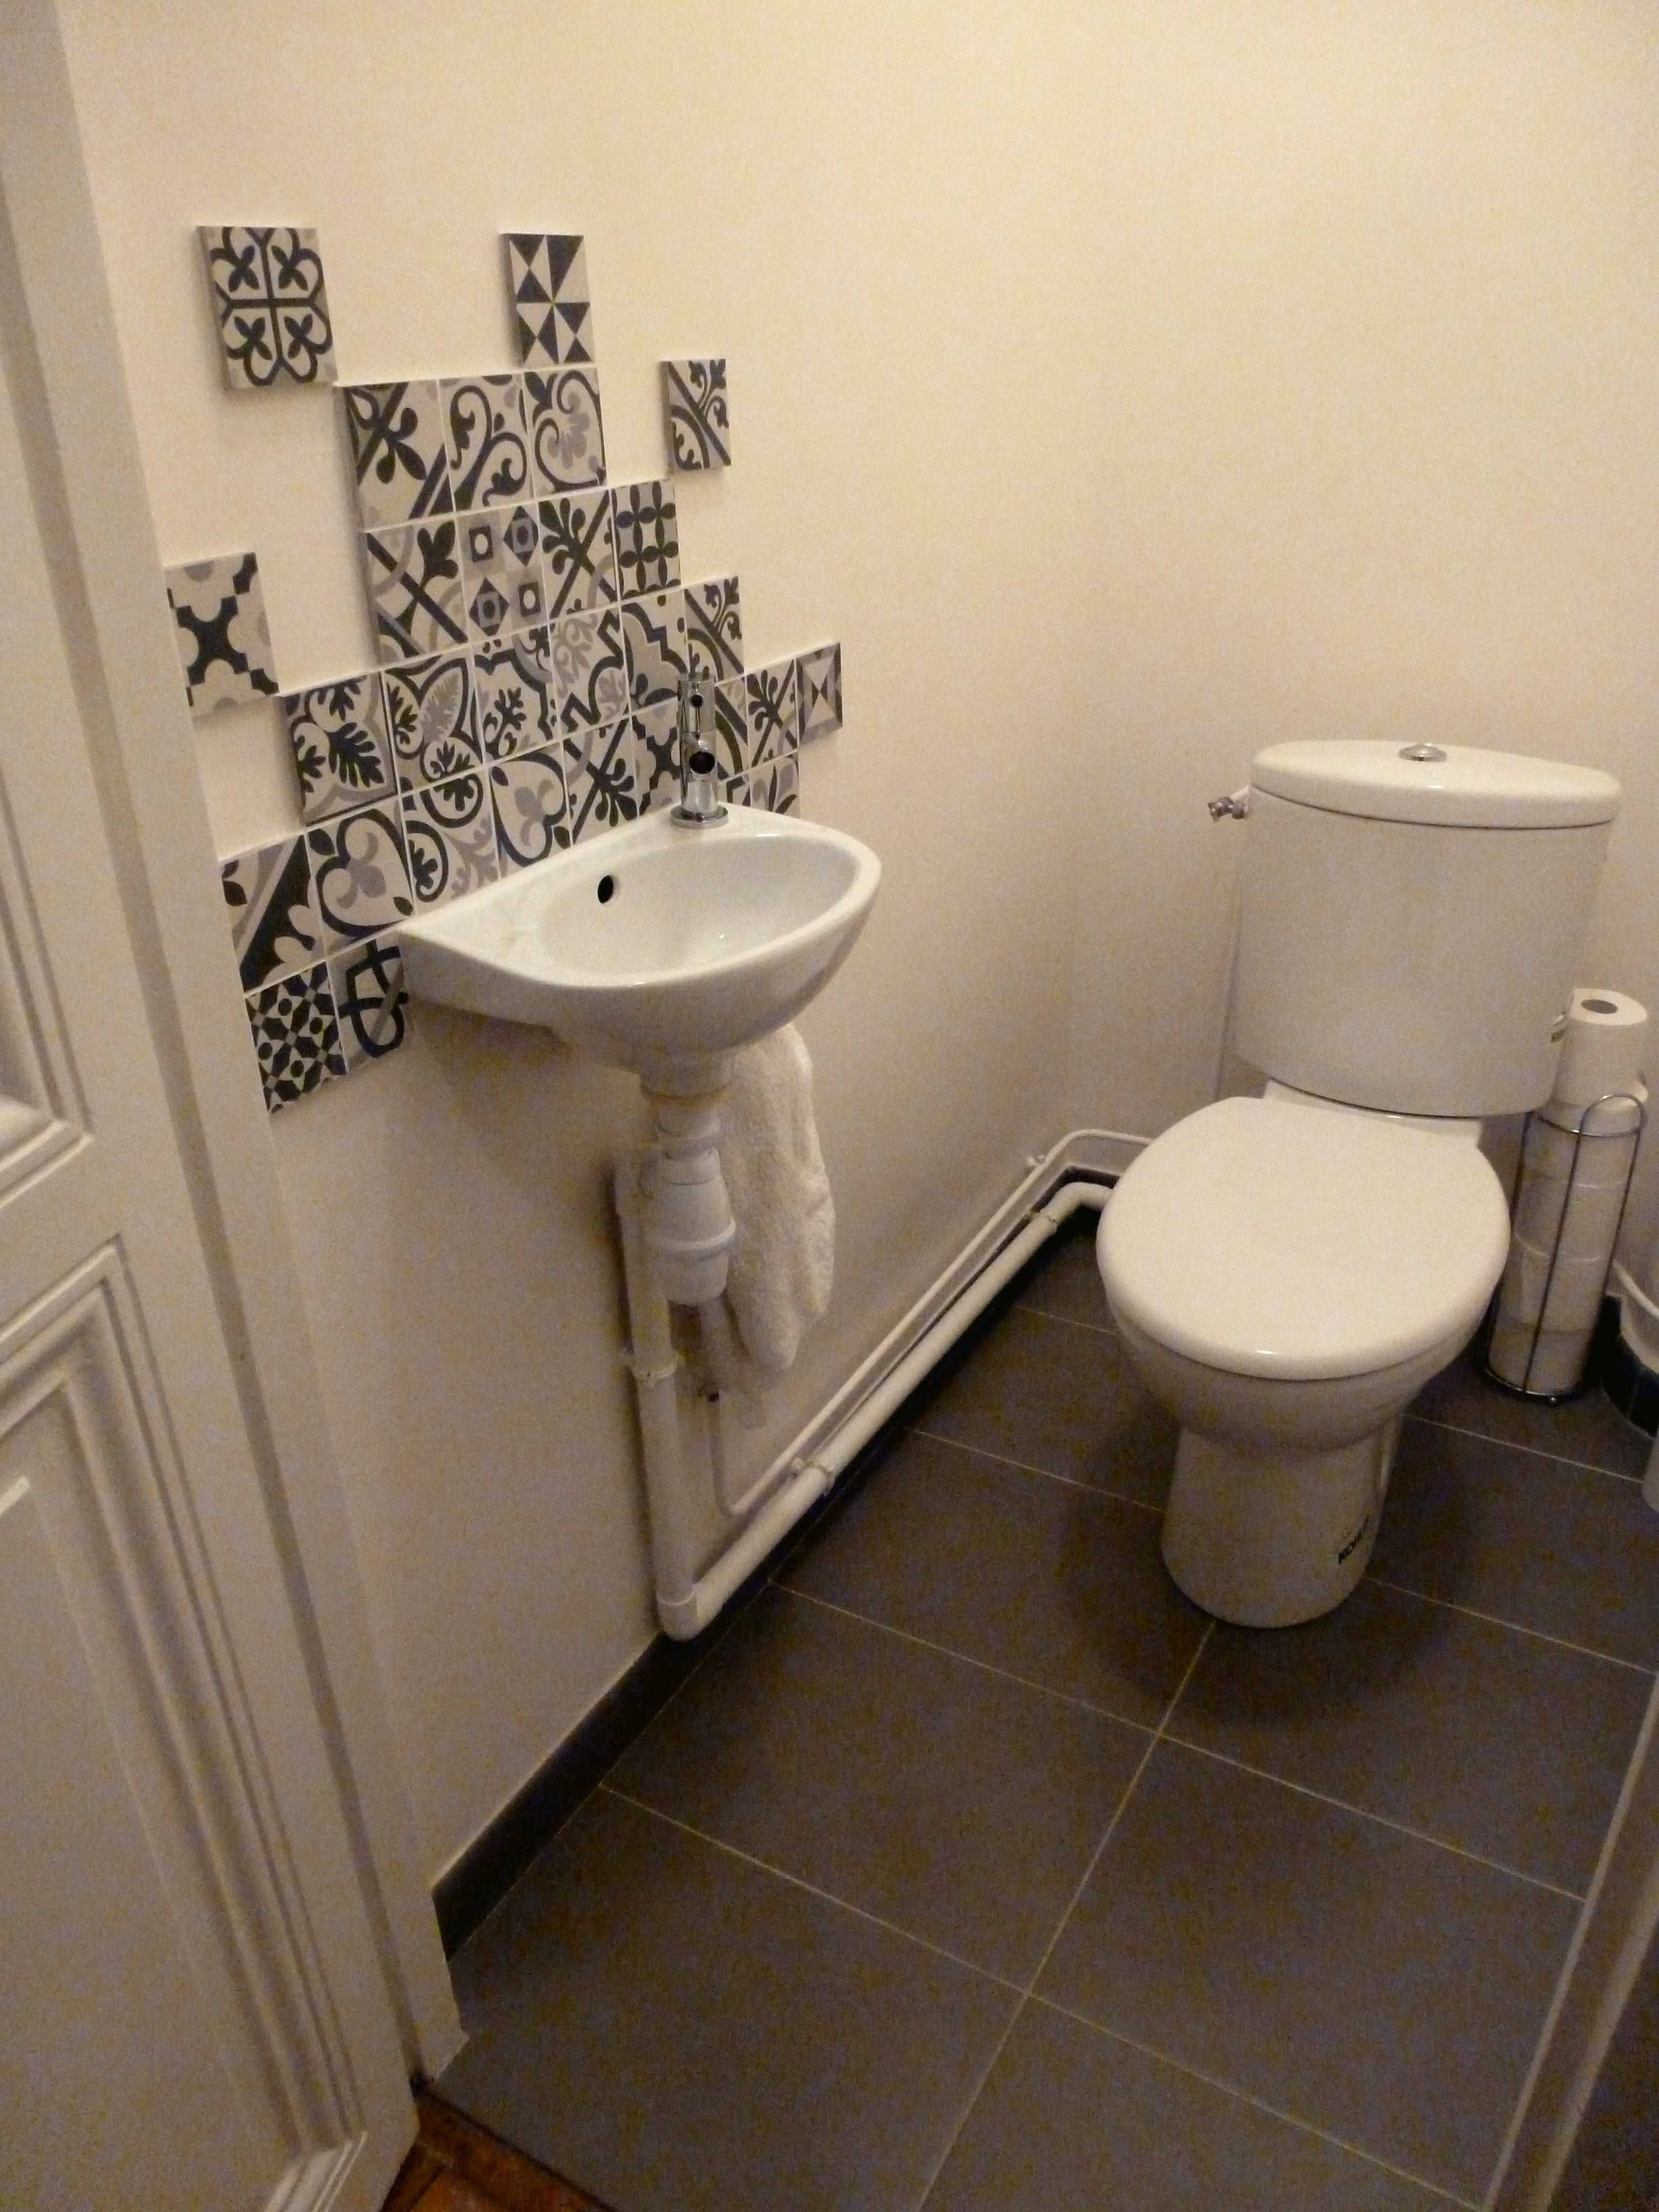 Wc Blanc Sol Ardoise Carreaux Ciment Boulogne Hostels Design